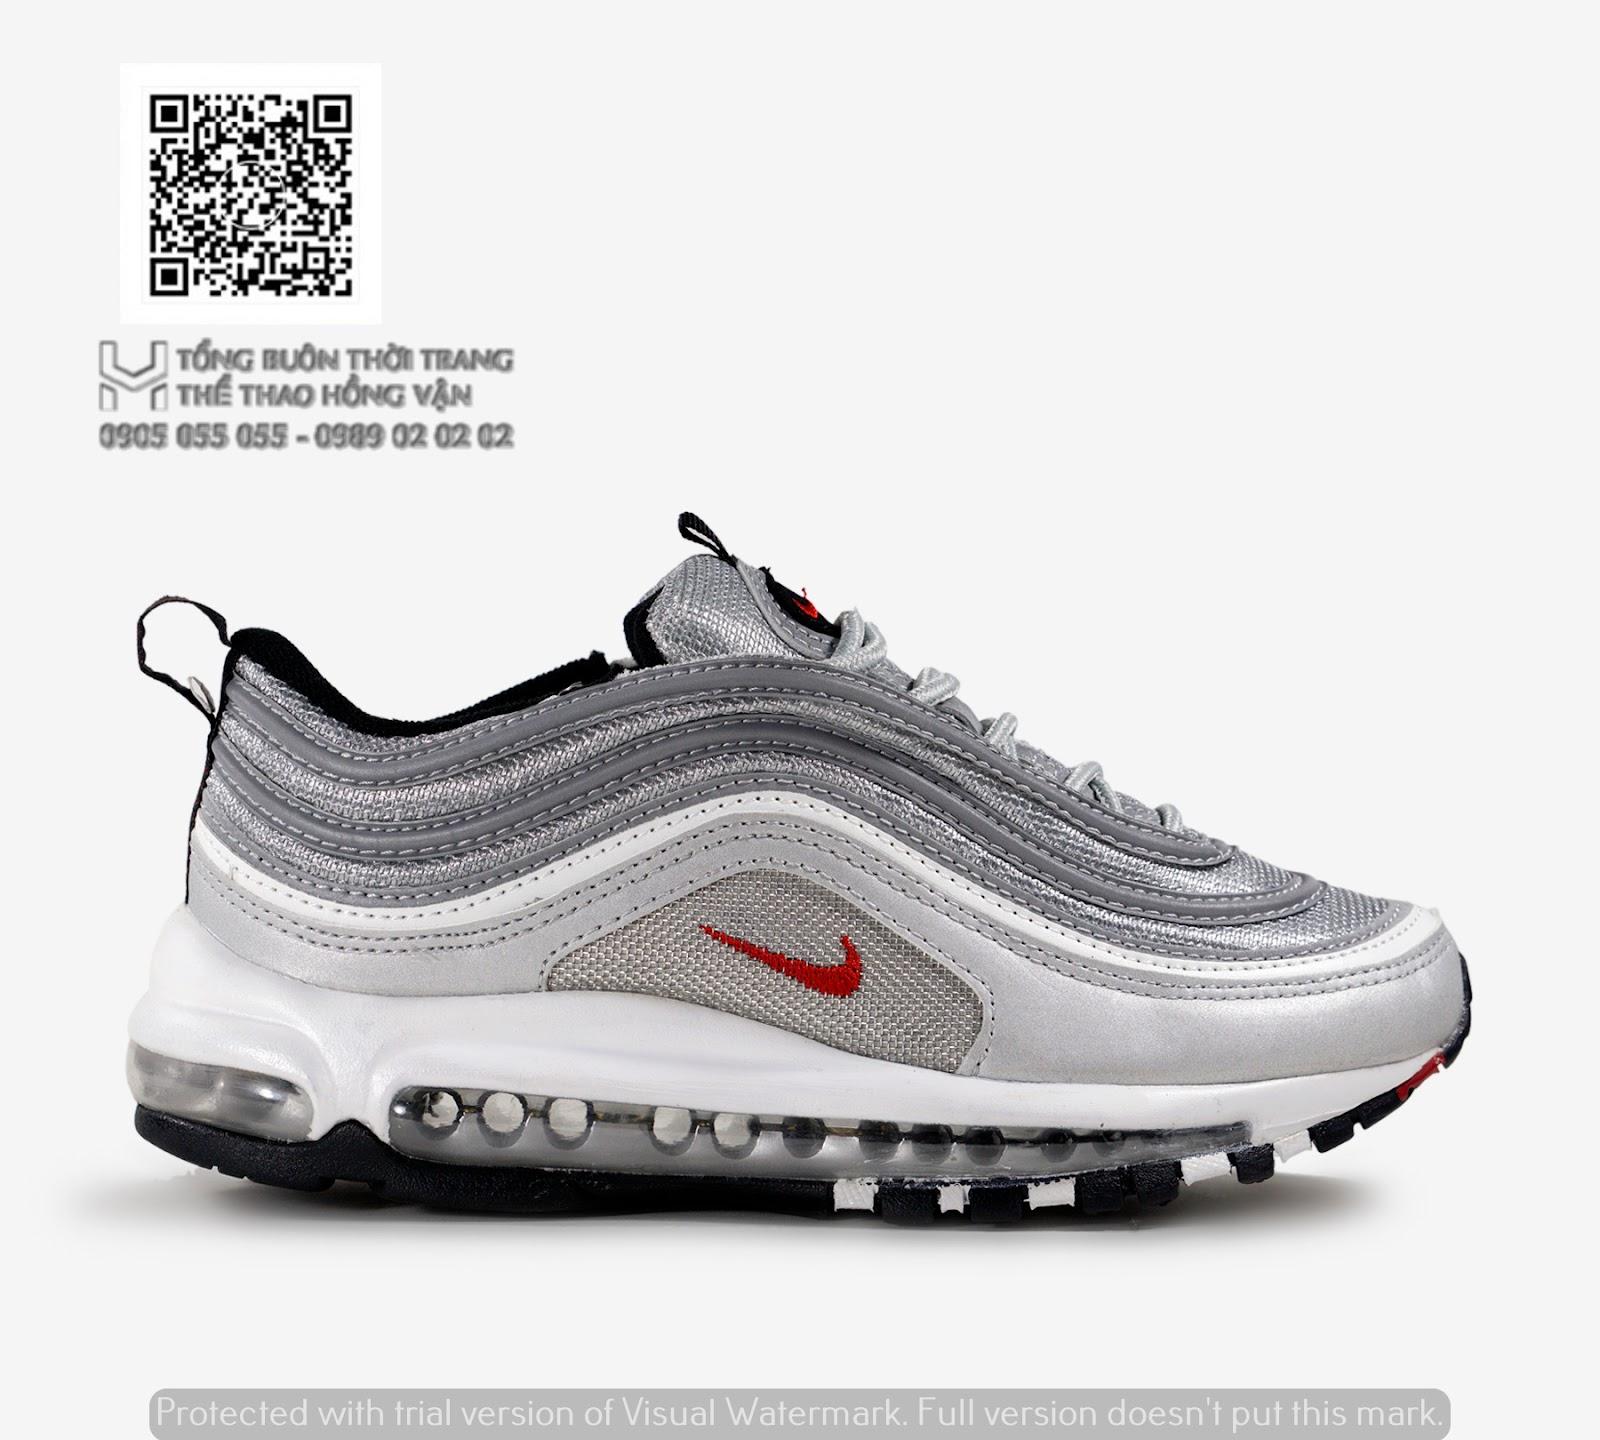 Bỏ sỉ lô hàng giày thể thao chất lượng , uy tín